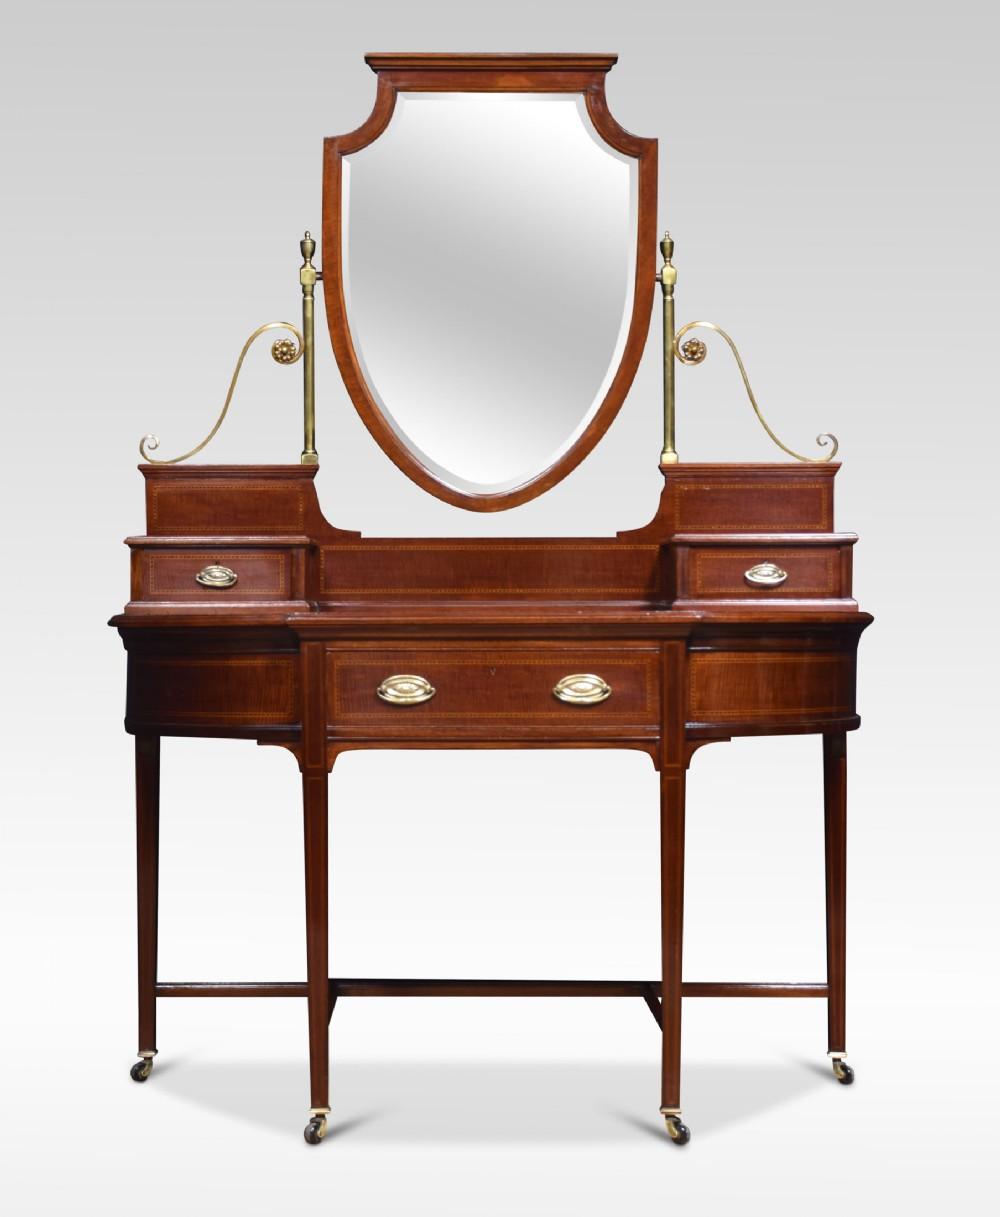 sheraton revival mahogany dressing table